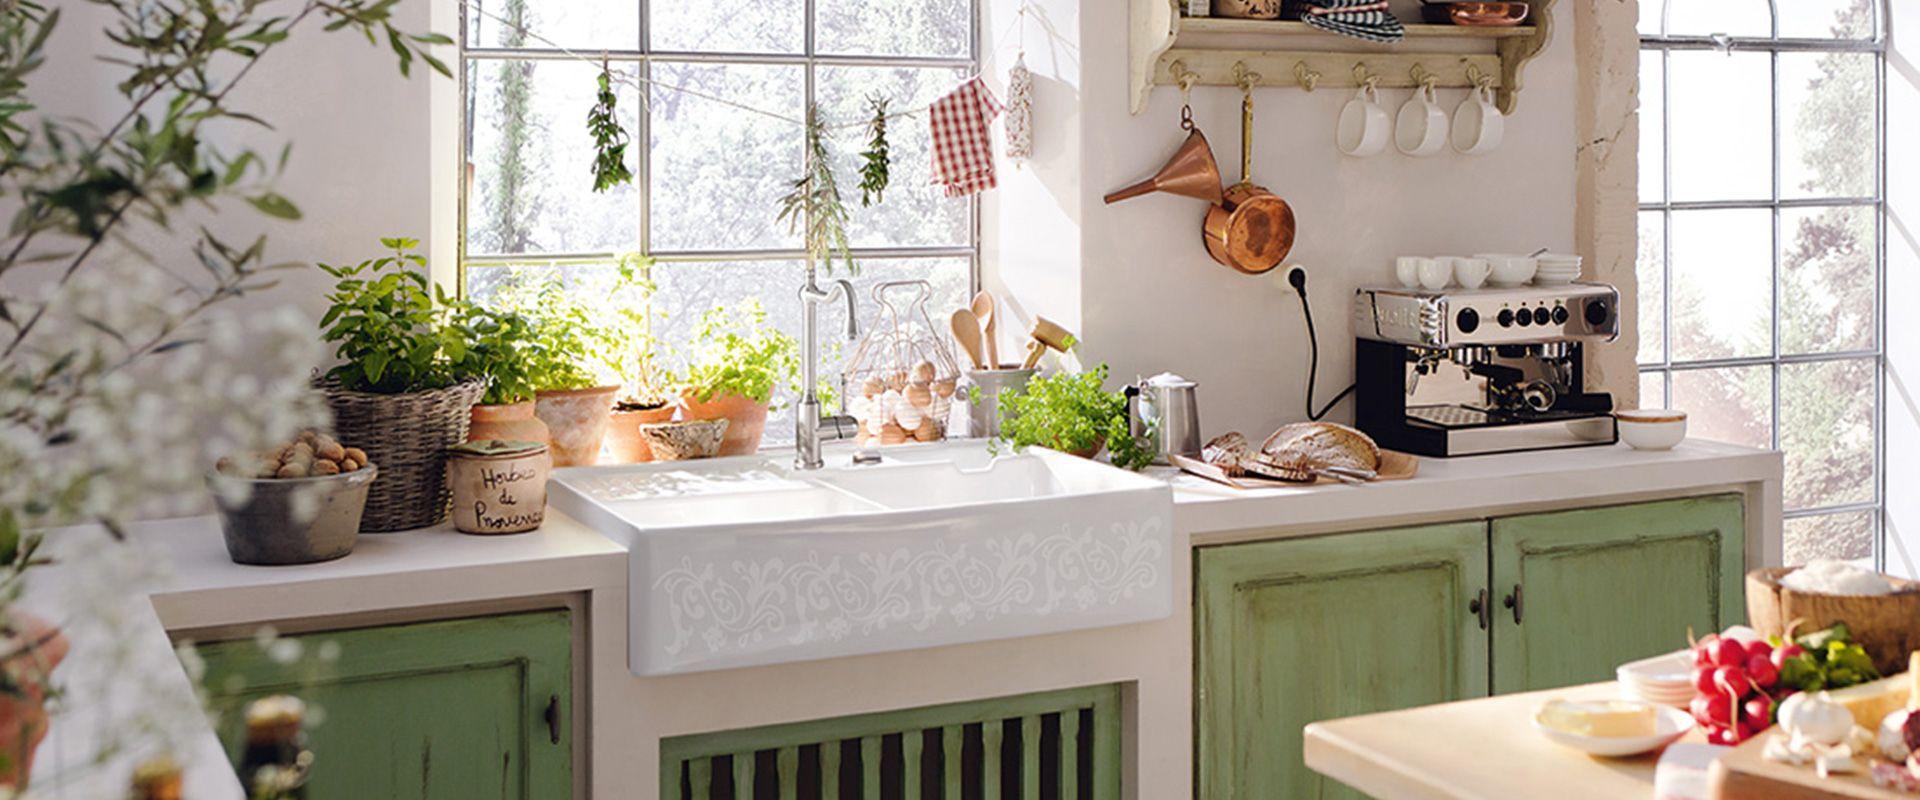 Fantastisch Lagerküche Mit Spüle Galerie - Ideen Für Die Küche ...